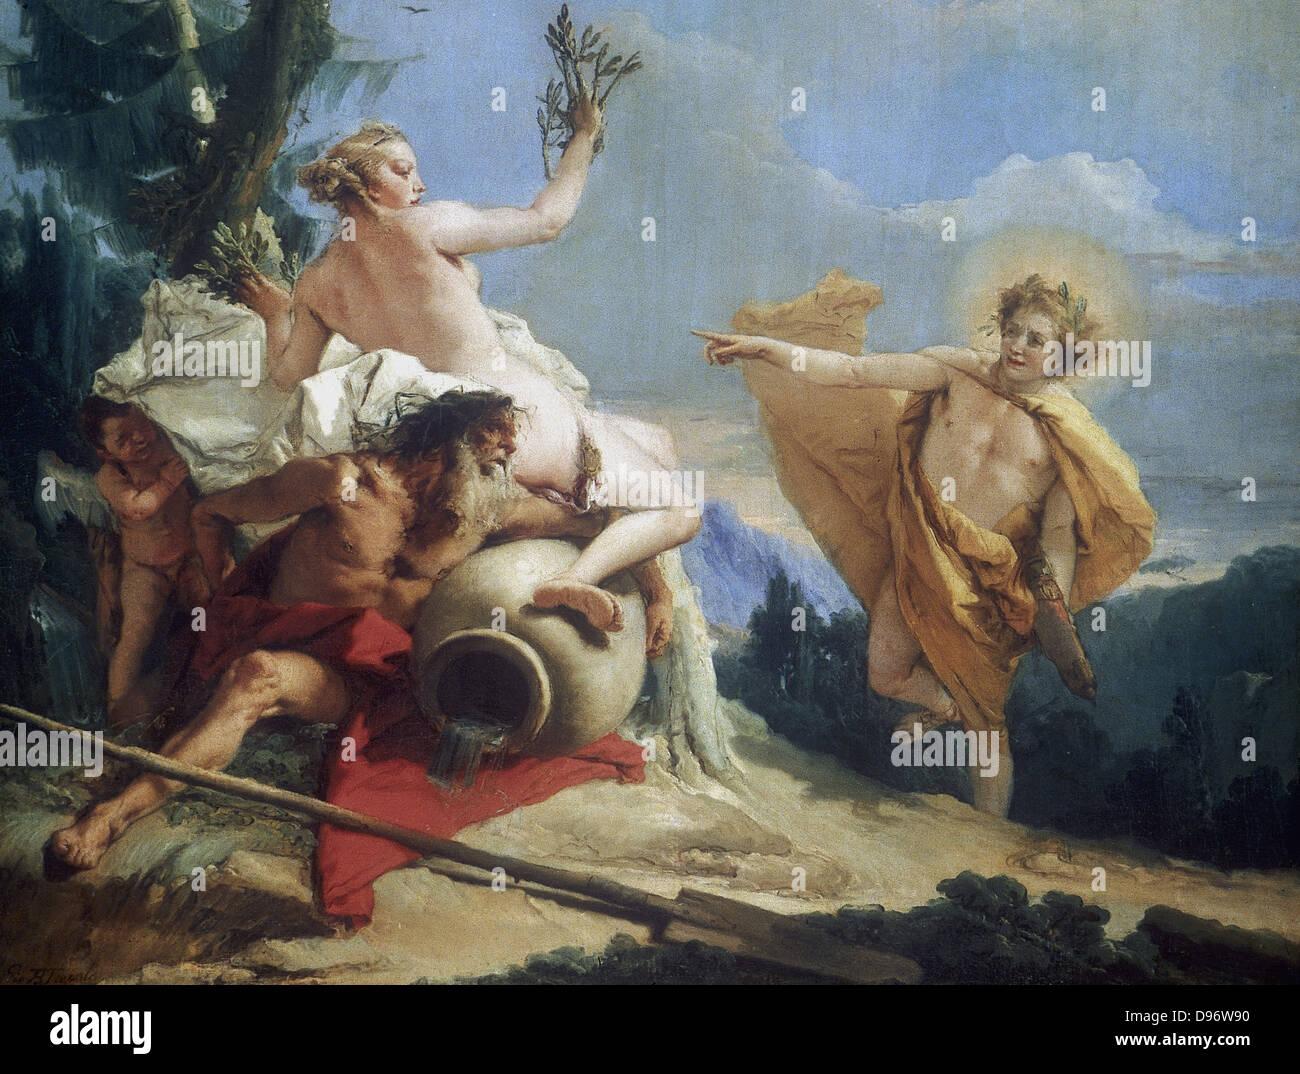 Apollo poursuivant Daphne' (c1755-1760). La mythologie grecque. Daphné, fille du dieu fleuve Peneus, dédié Photo Stock